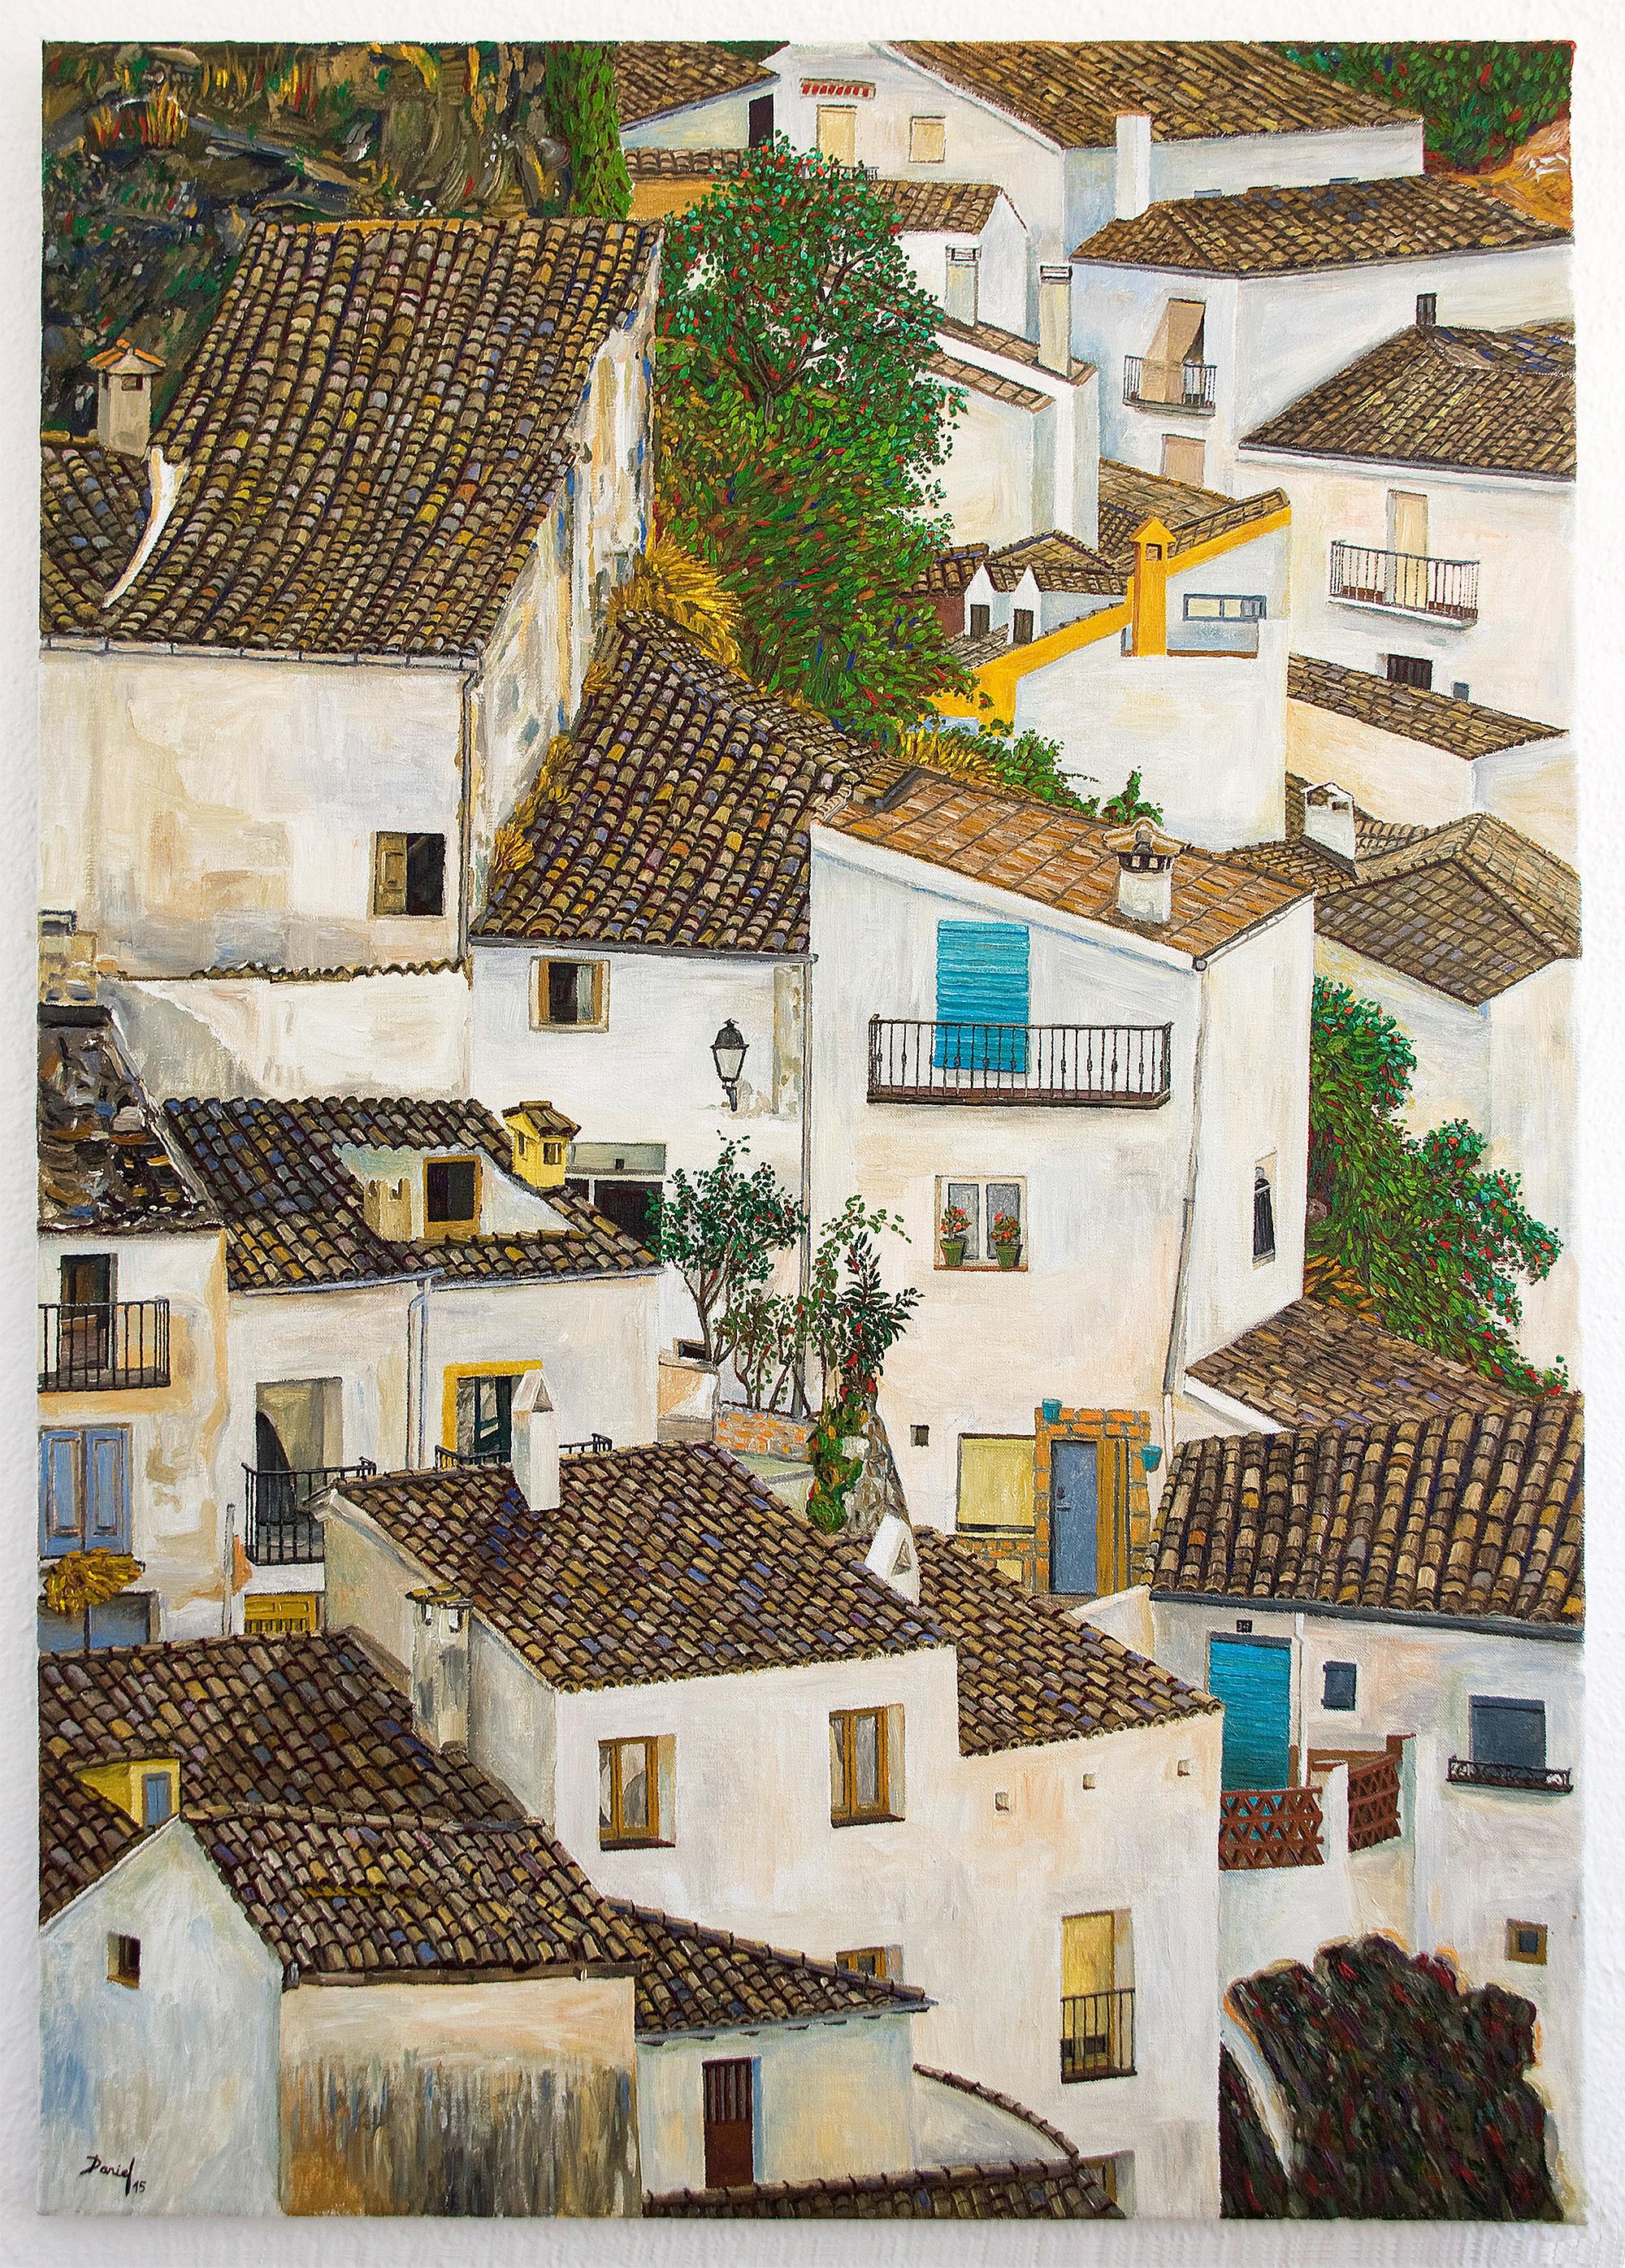 Casas de Cazorla